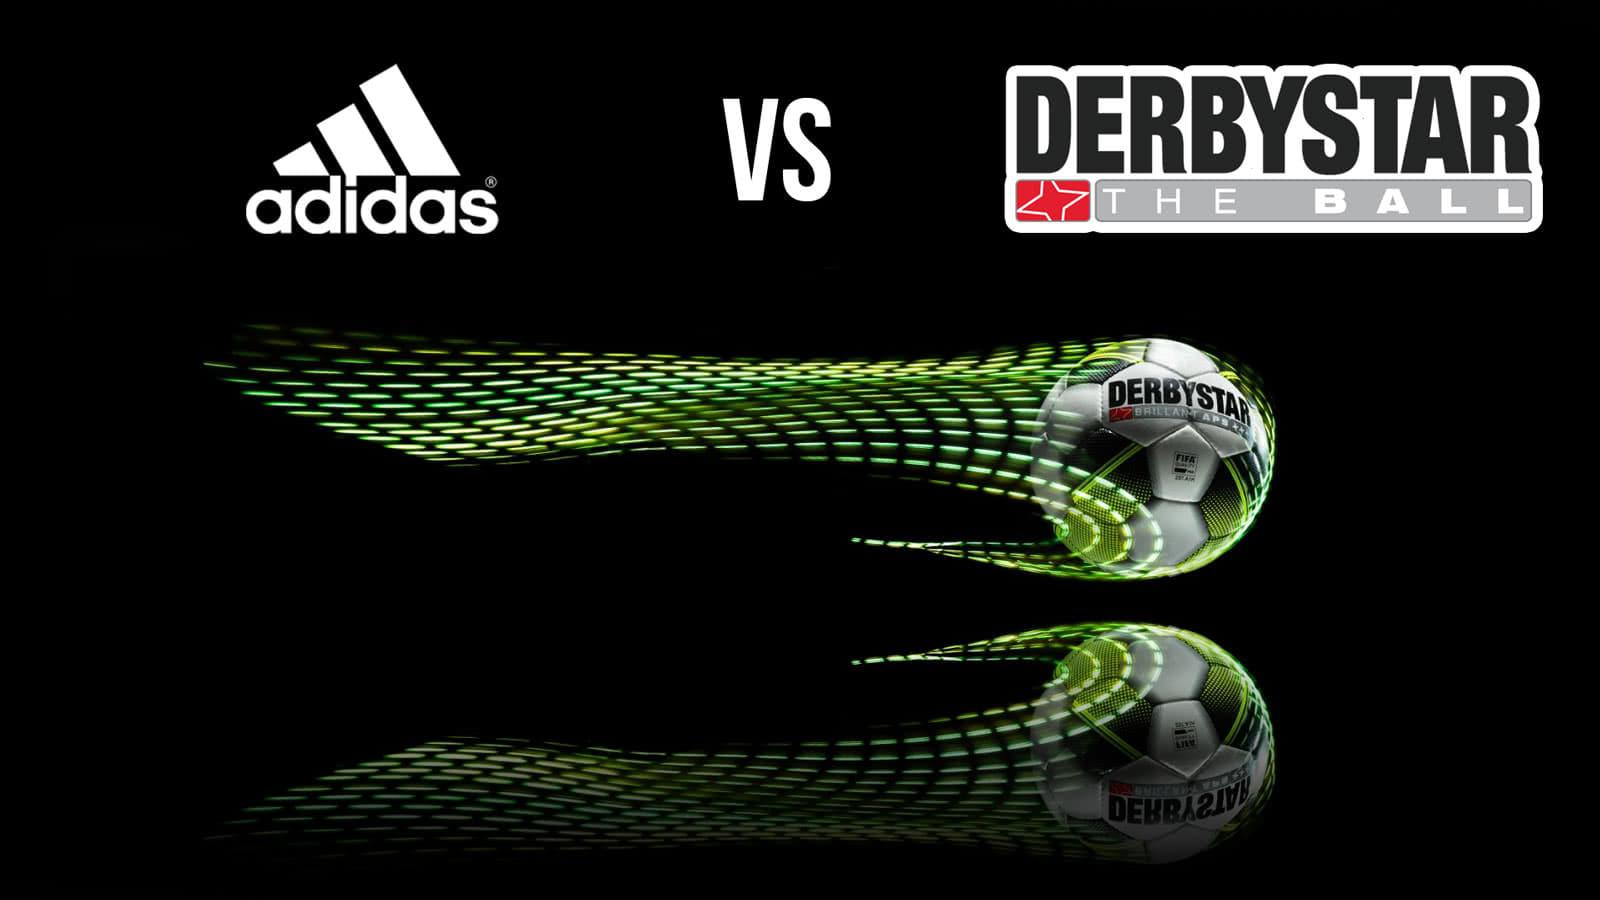 Lieber einen adidas oder einen Derbystar Ball als Spielball verwenden